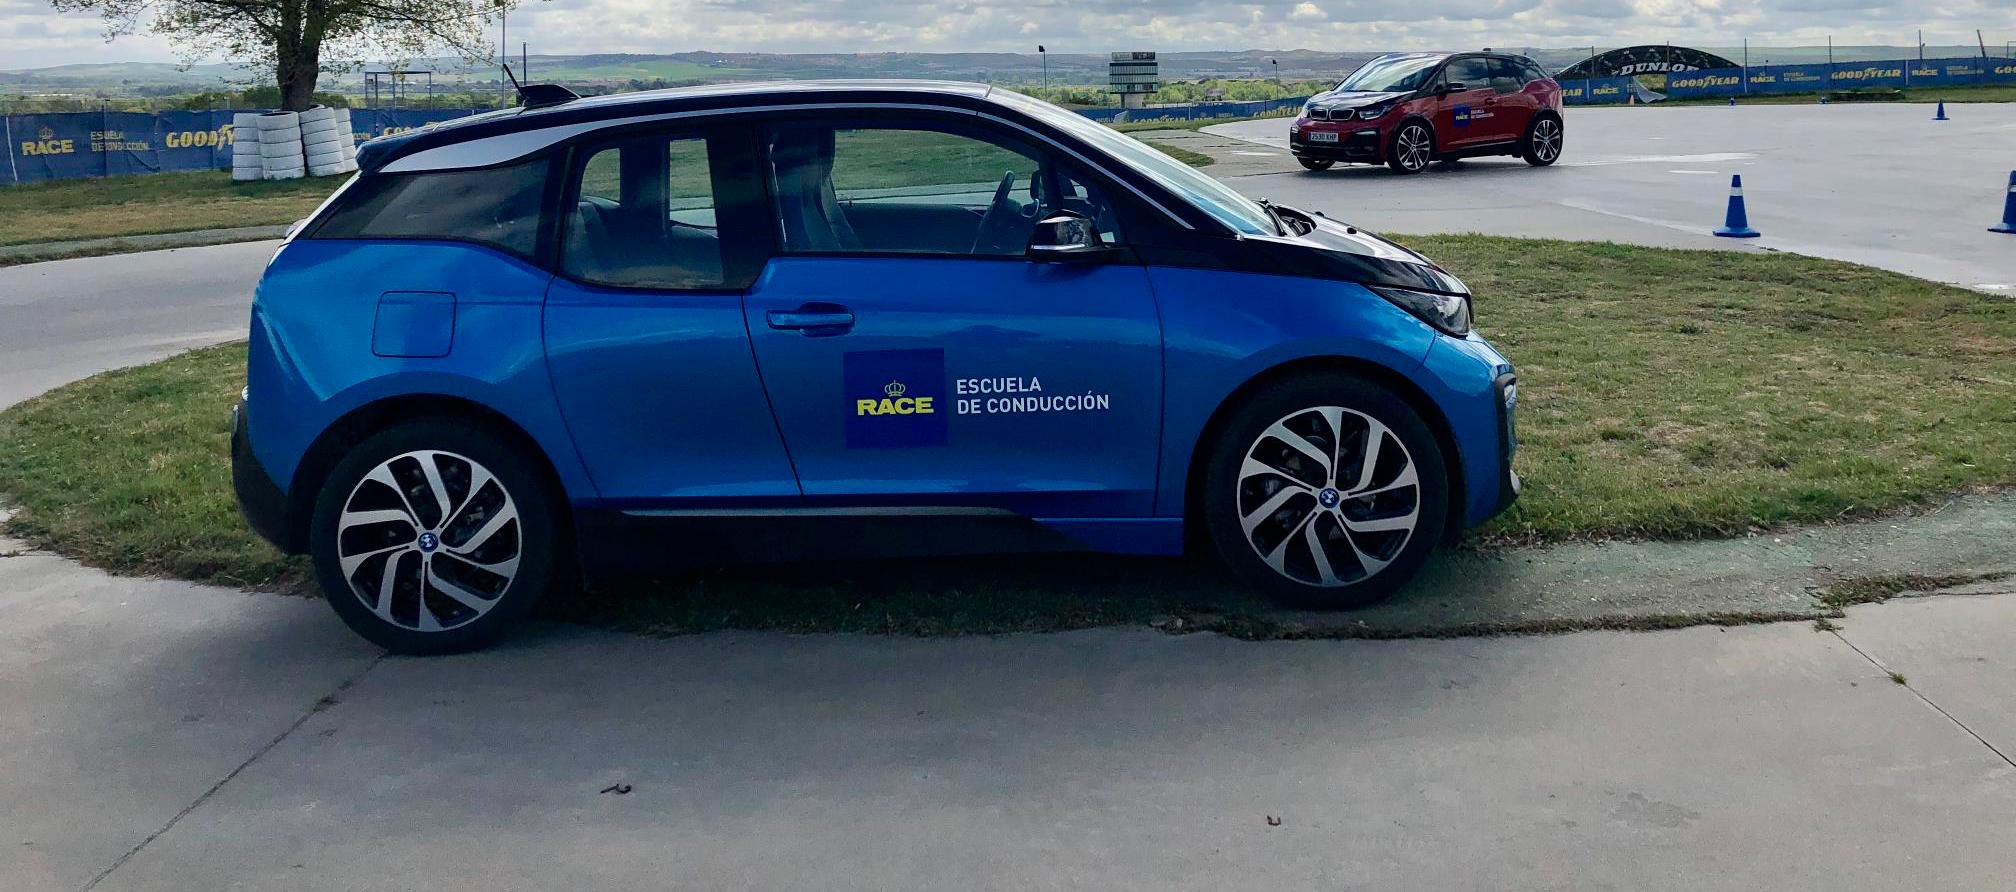 Curso de vehículos eléctricos en el RACE by BMW